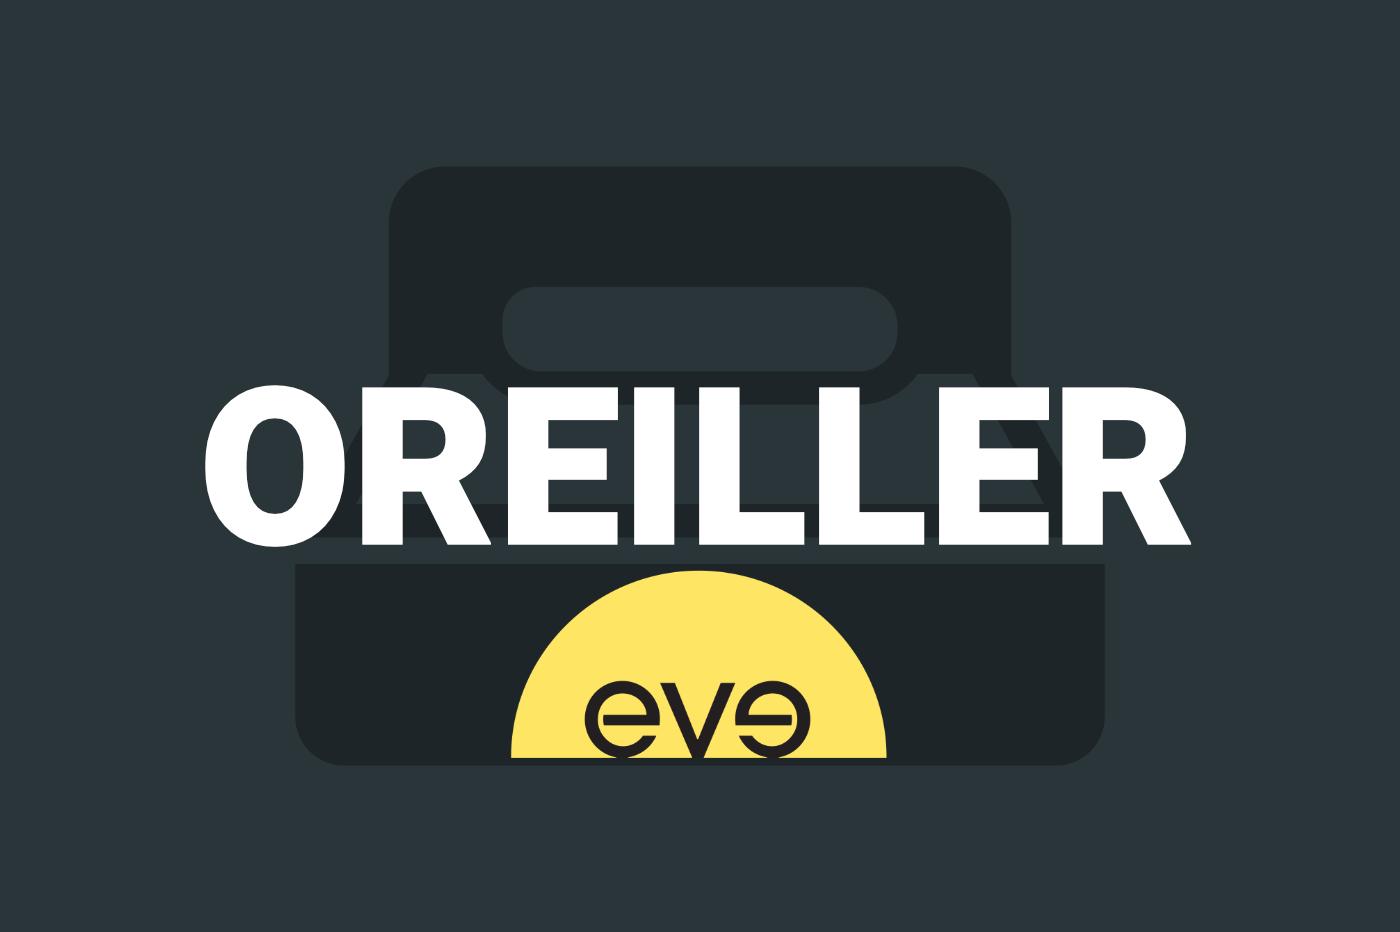 Oreiller Eve